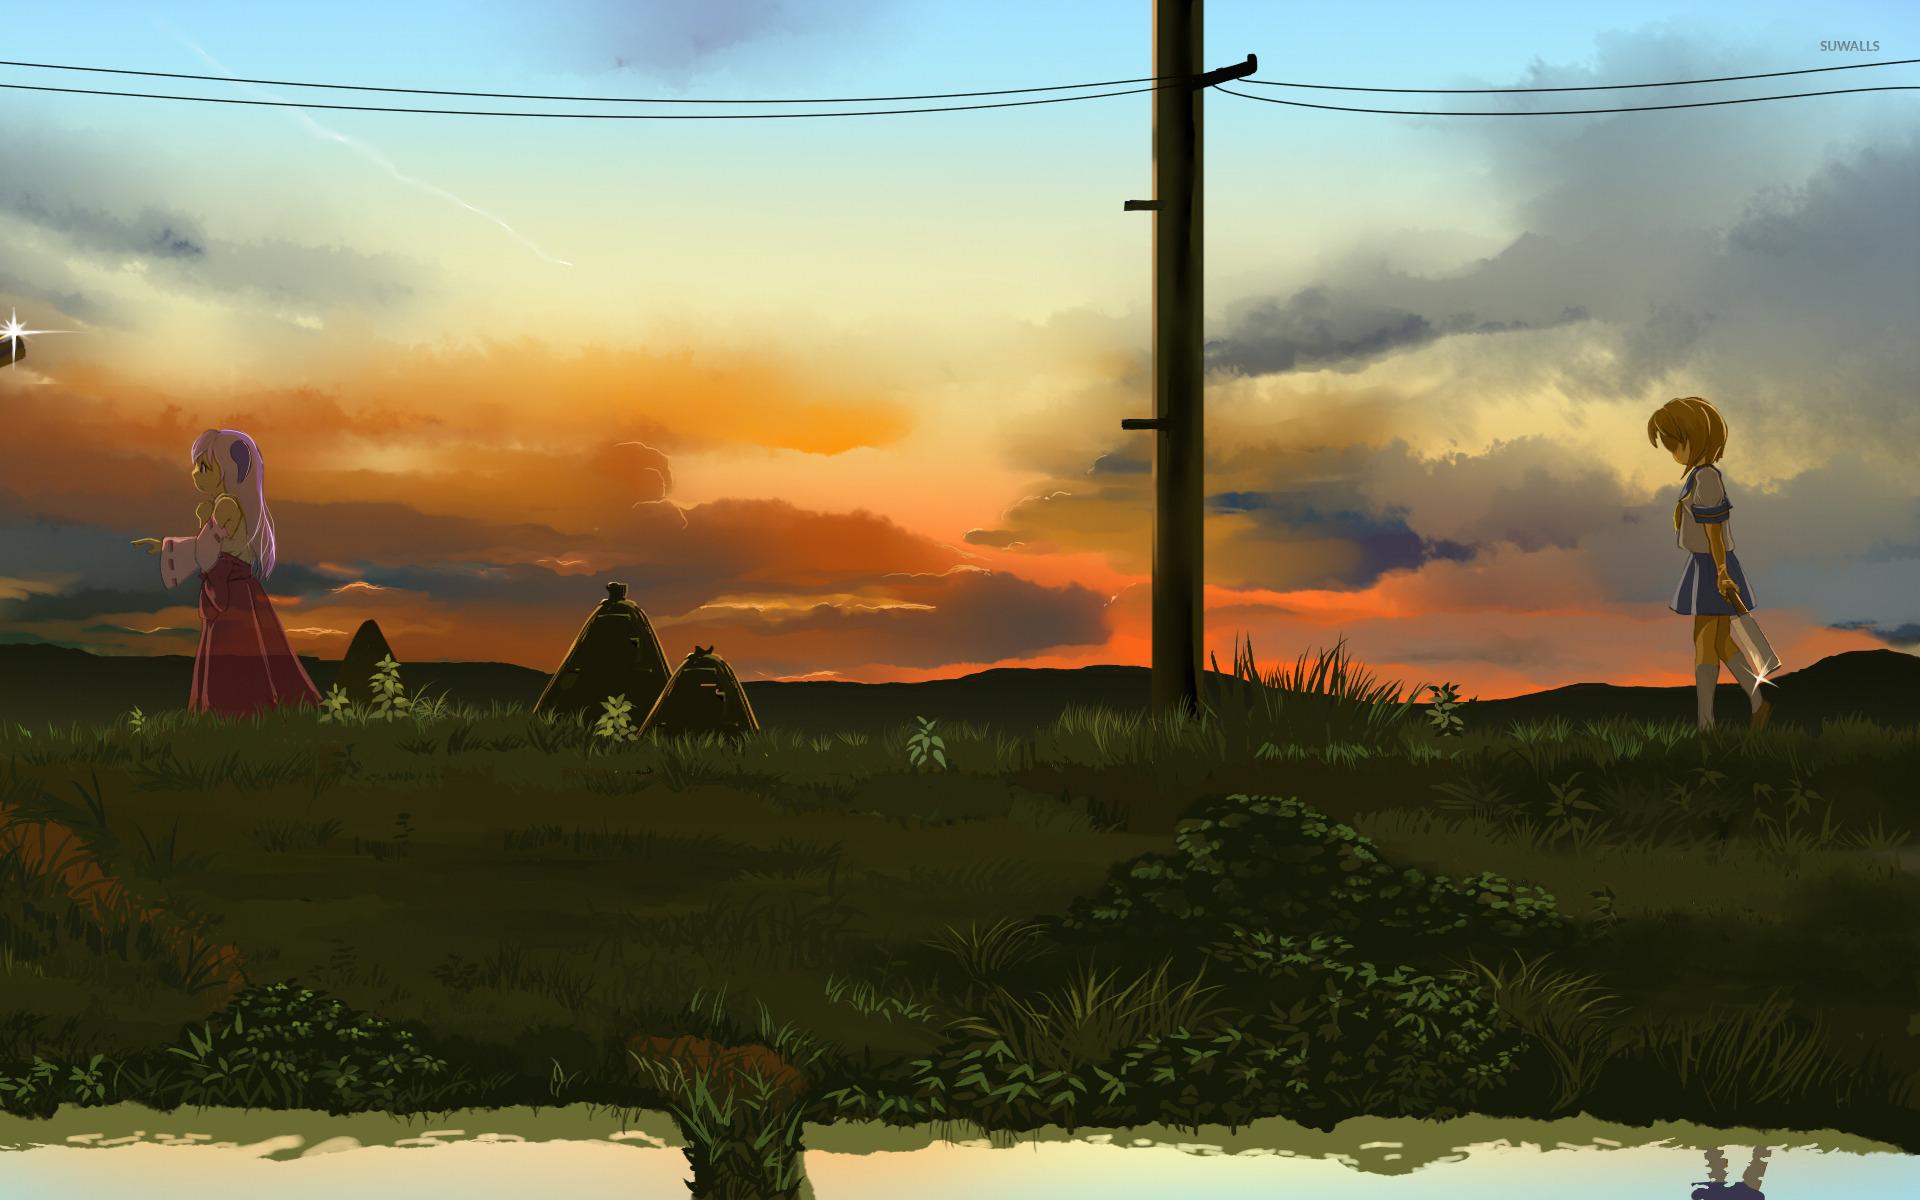 Higurashi No Naku Koro Ni 2 Wallpaper Game Wallpapers 41128